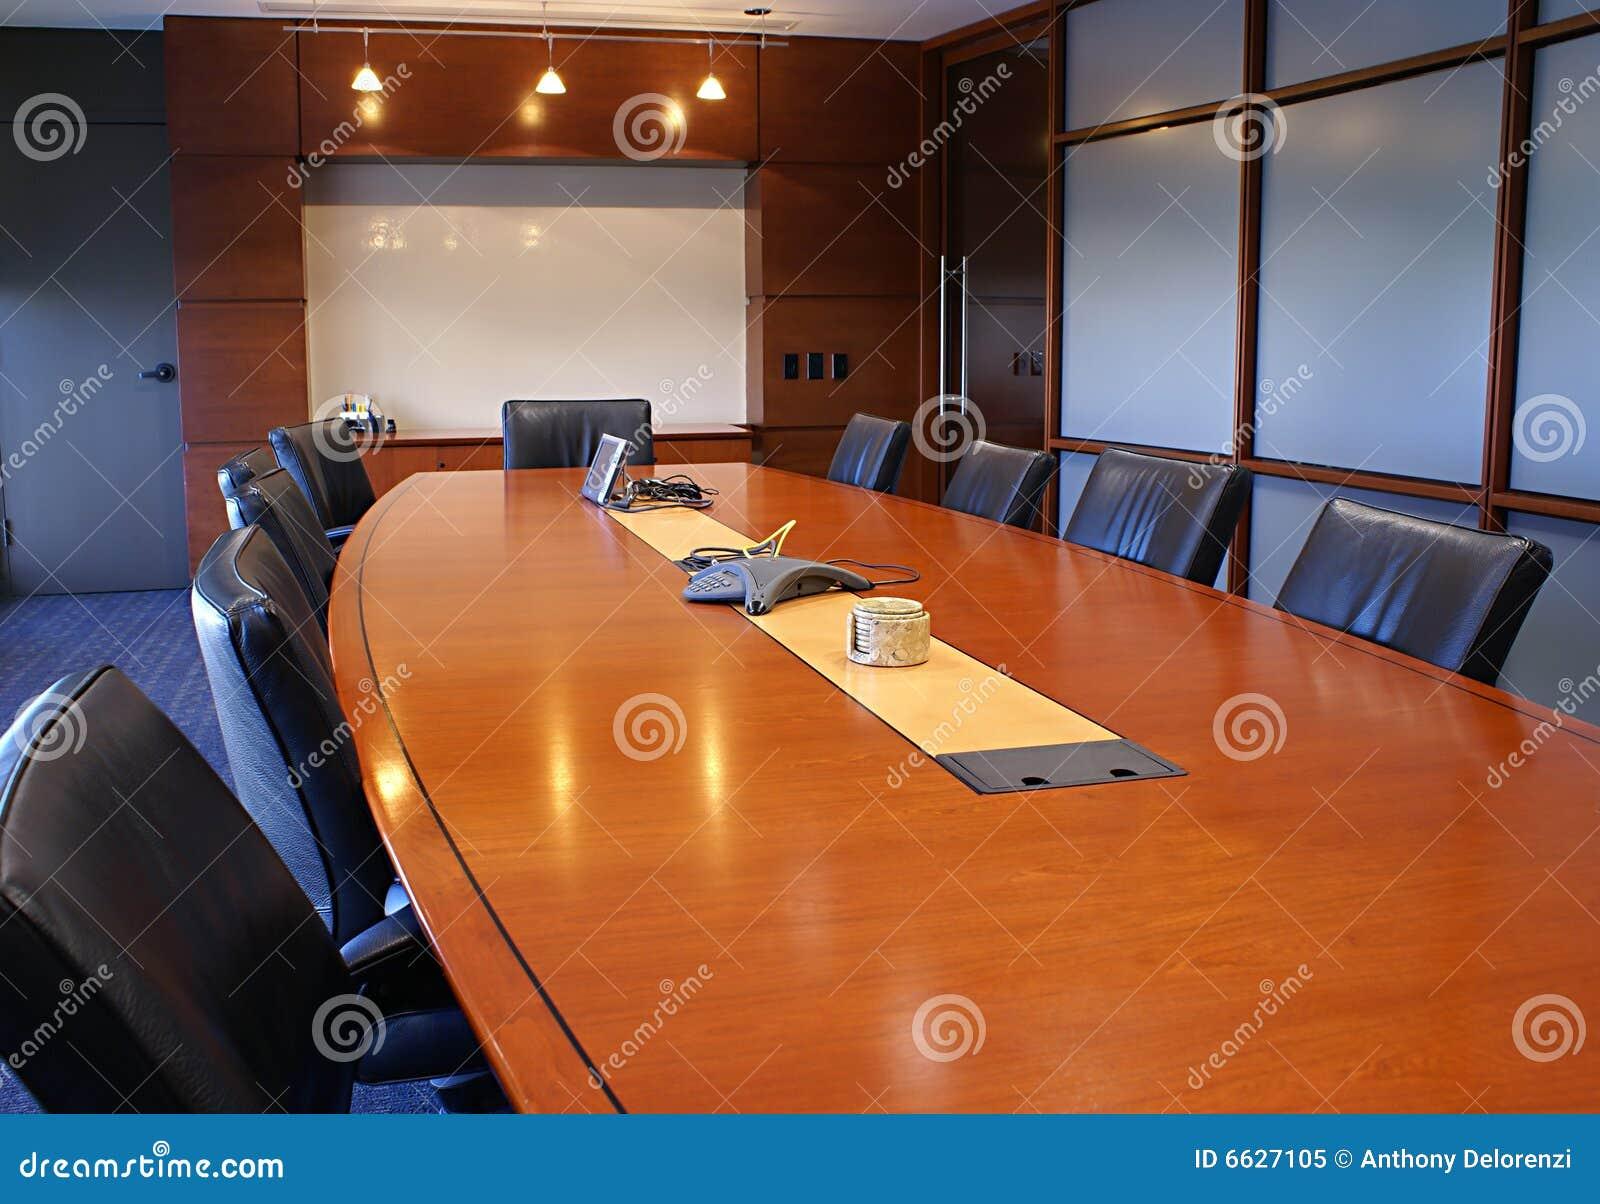 合作会议空间培训